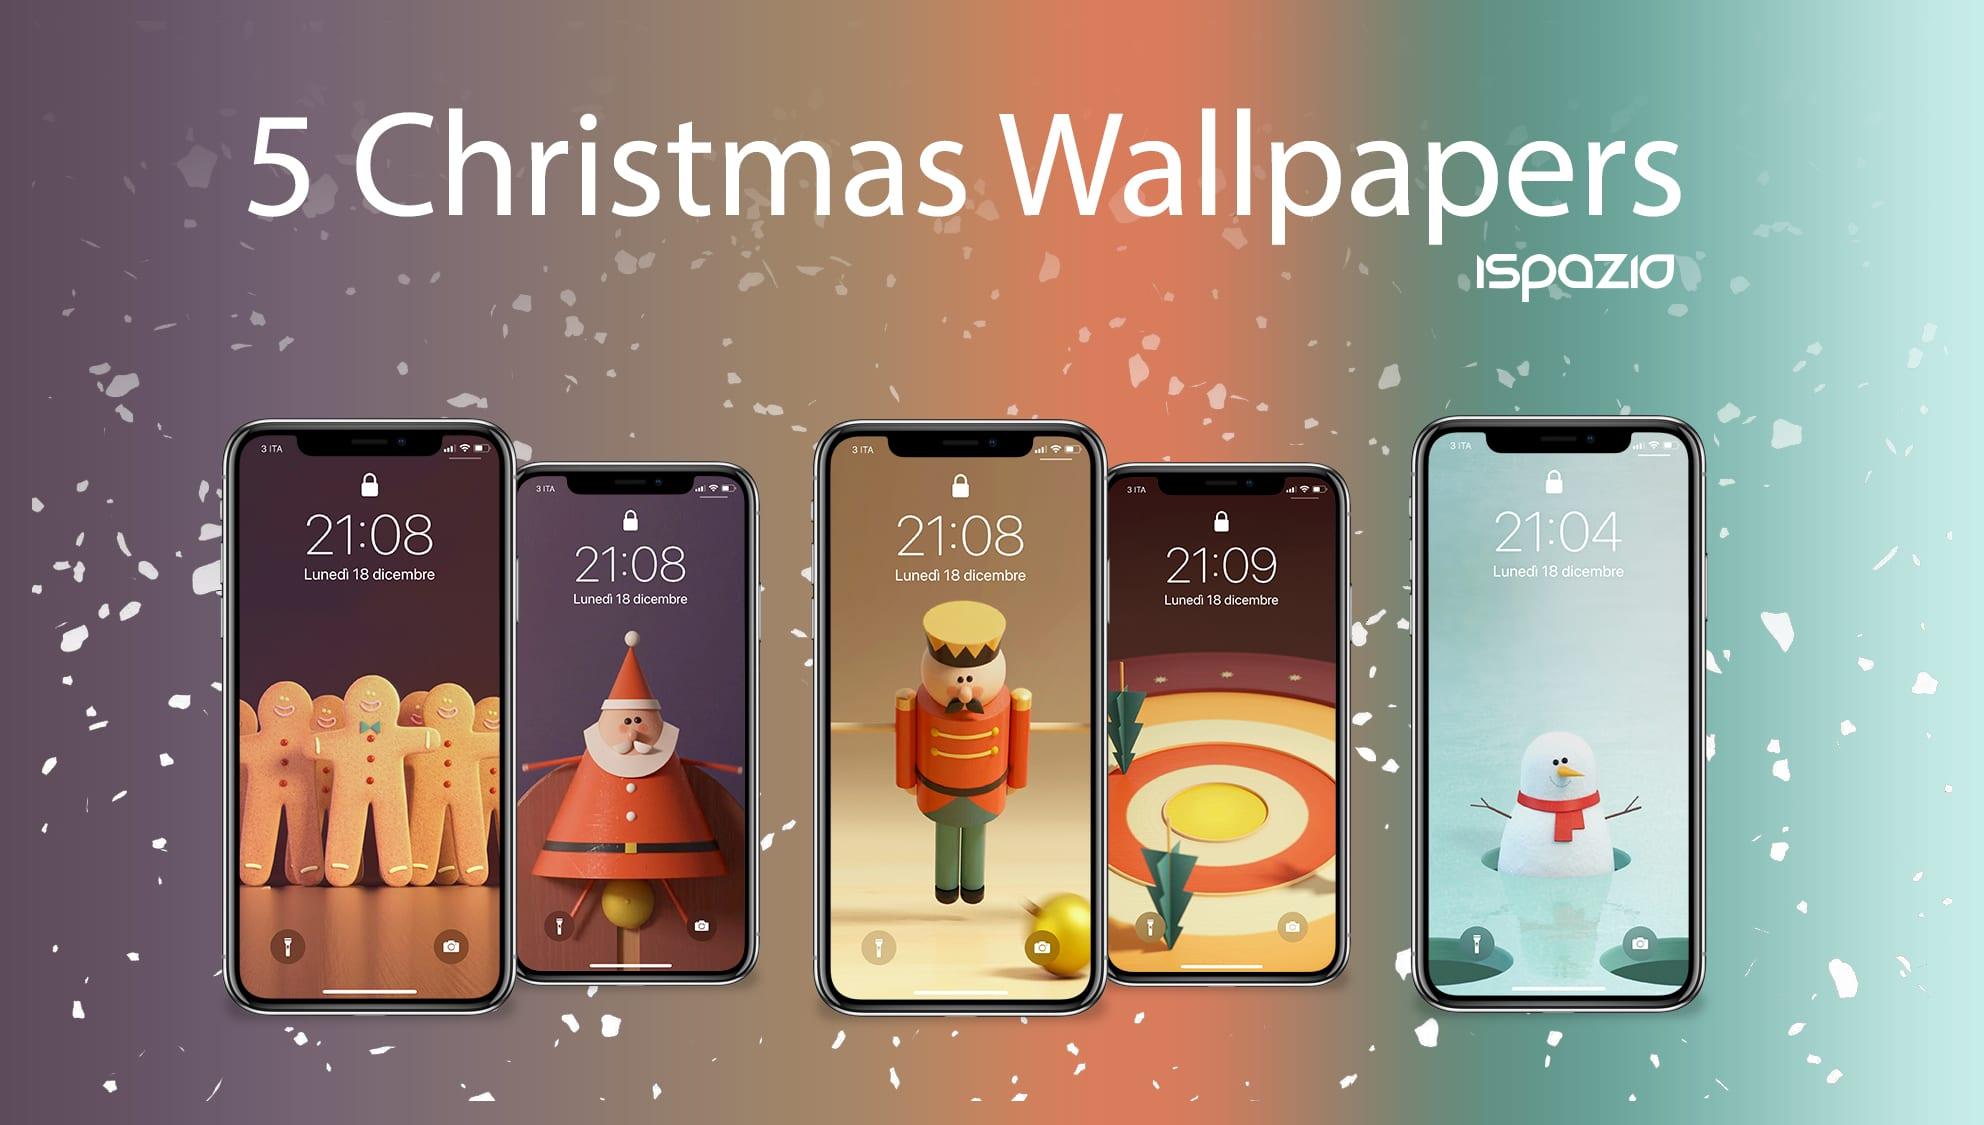 Sfondi Natalizi Apple.Natale E Alle Porte Altri 8 Sfondi Natalizi Per I Vostri Iphone